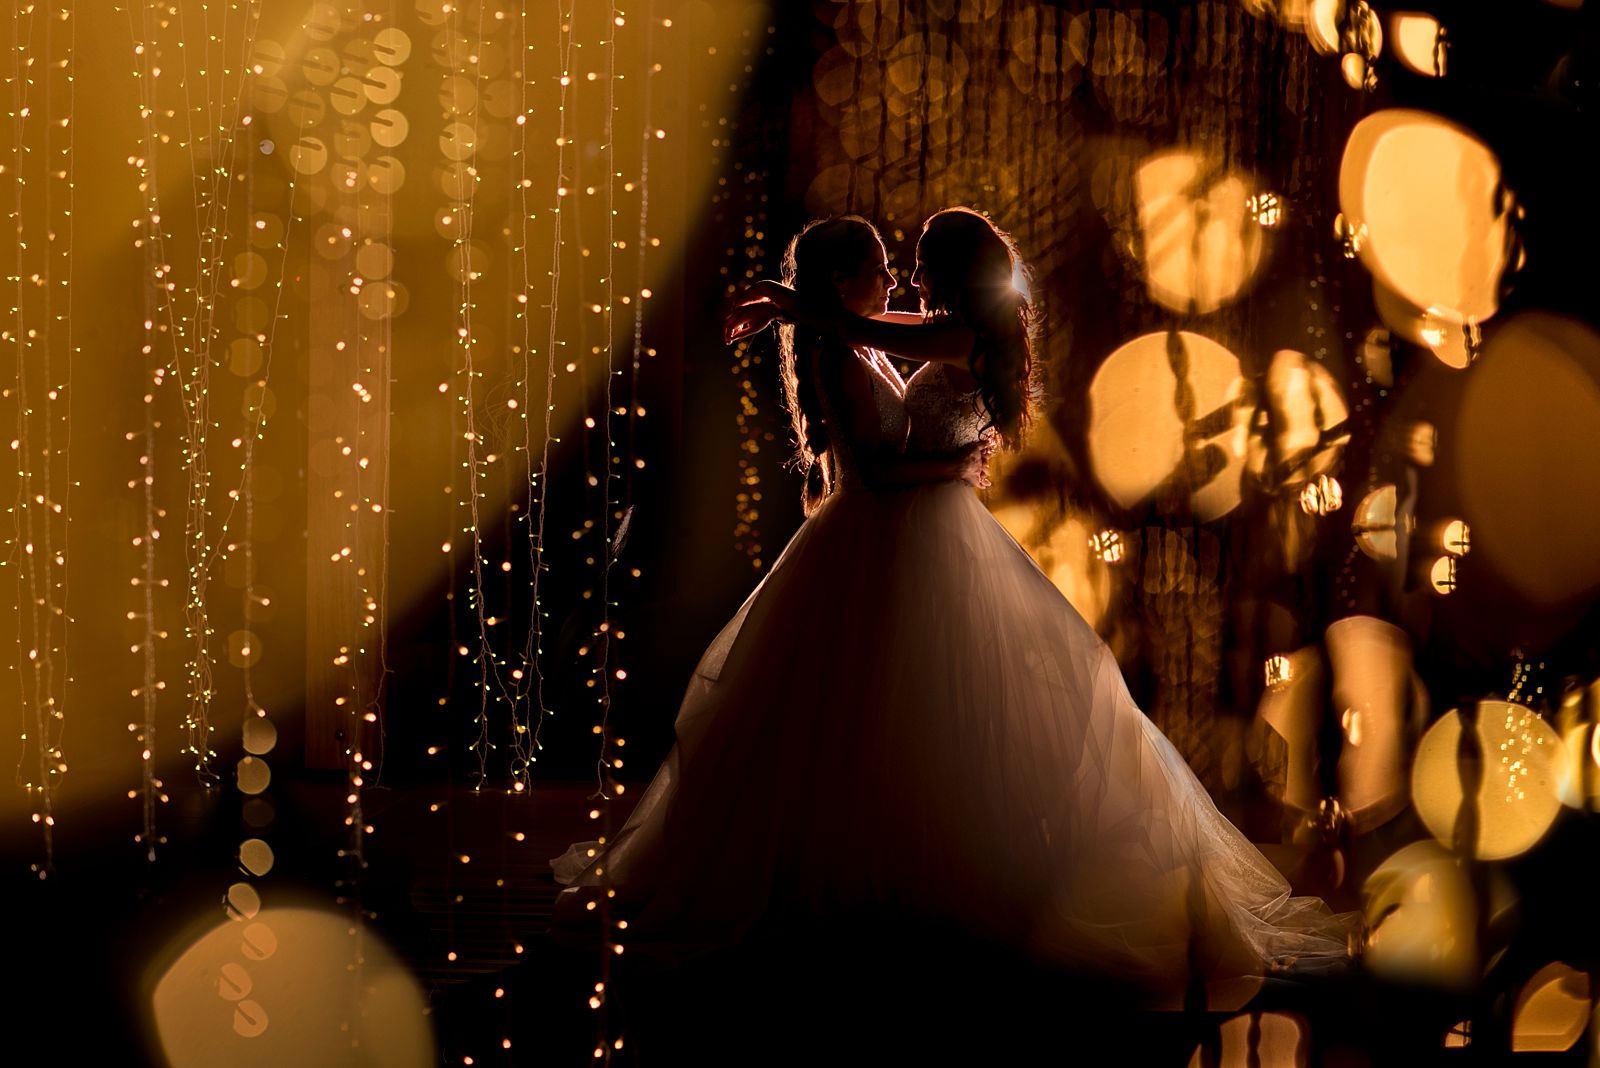 Two ladies get married in princess dresses